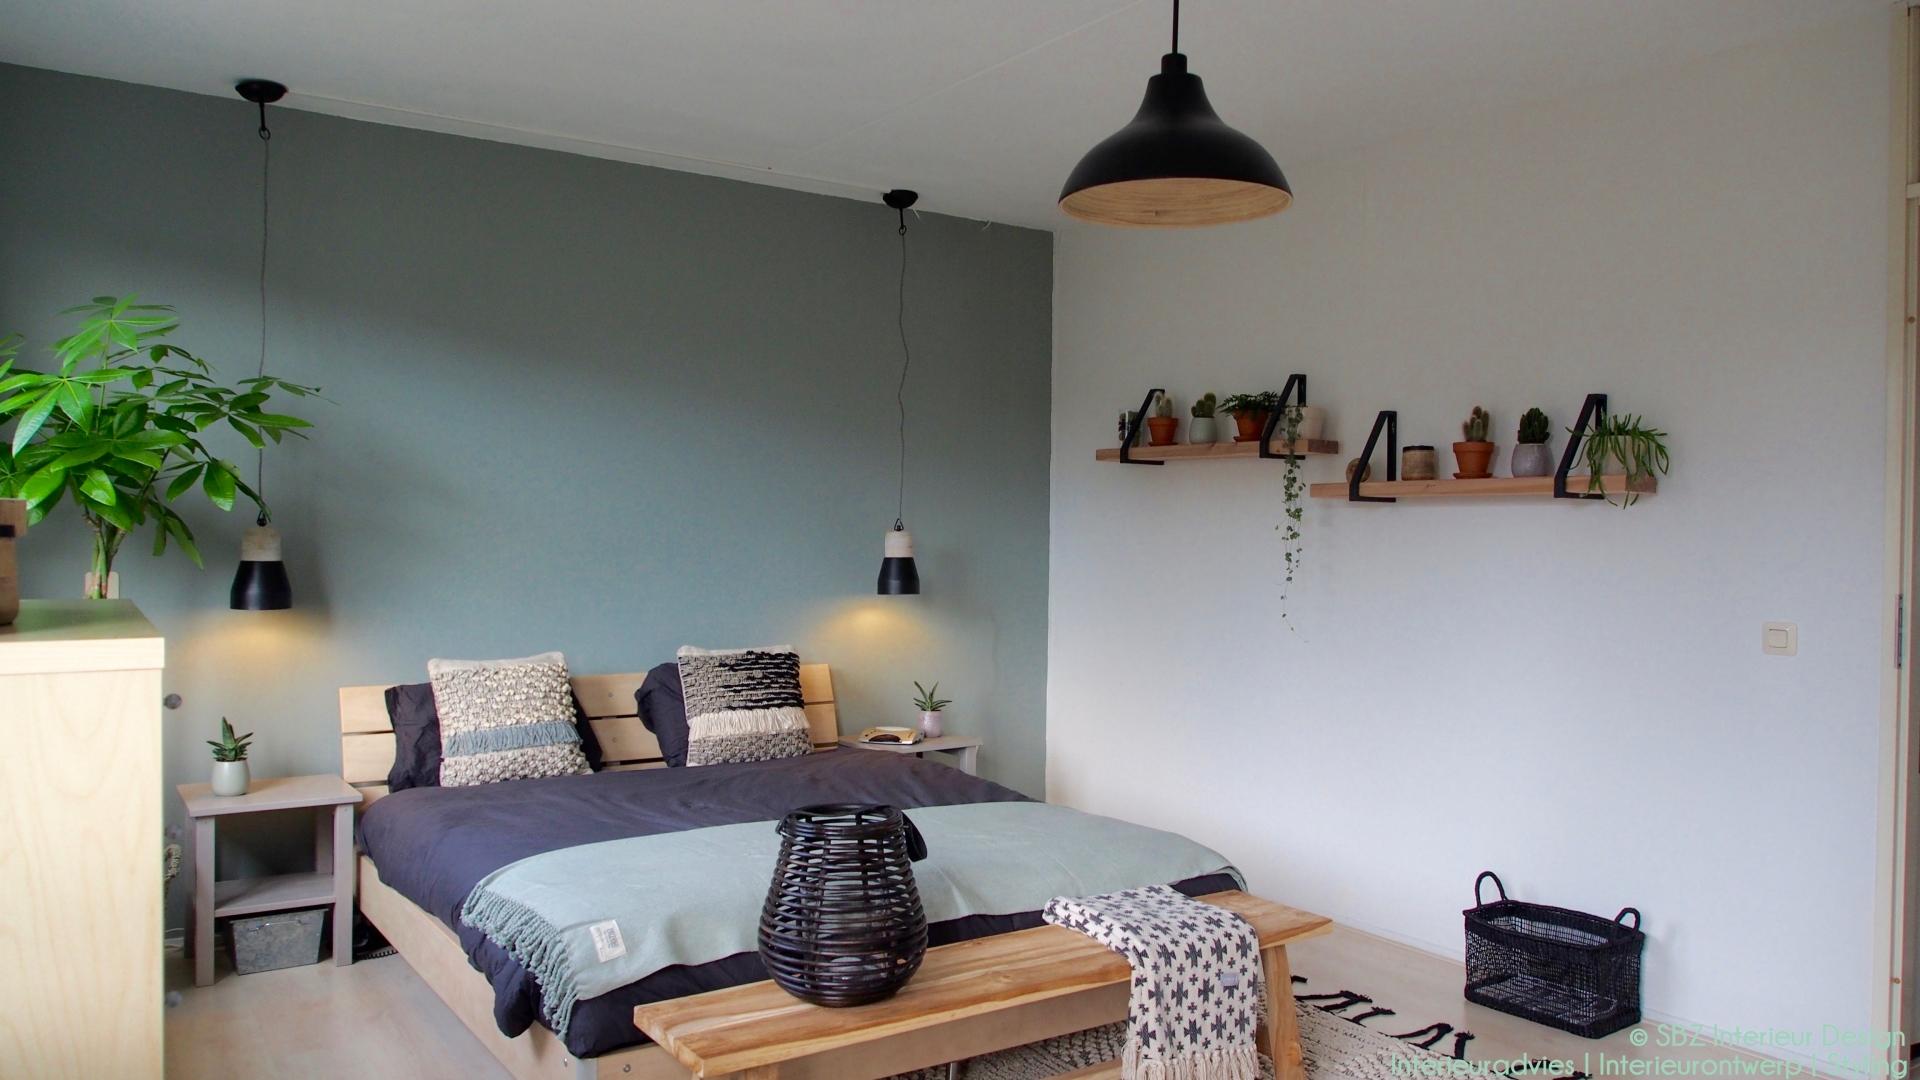 Binnenkijken slaapkamer in scandinavische en natuurlijke woonstijl stijlvol styling woonblog for Interieurontwerp